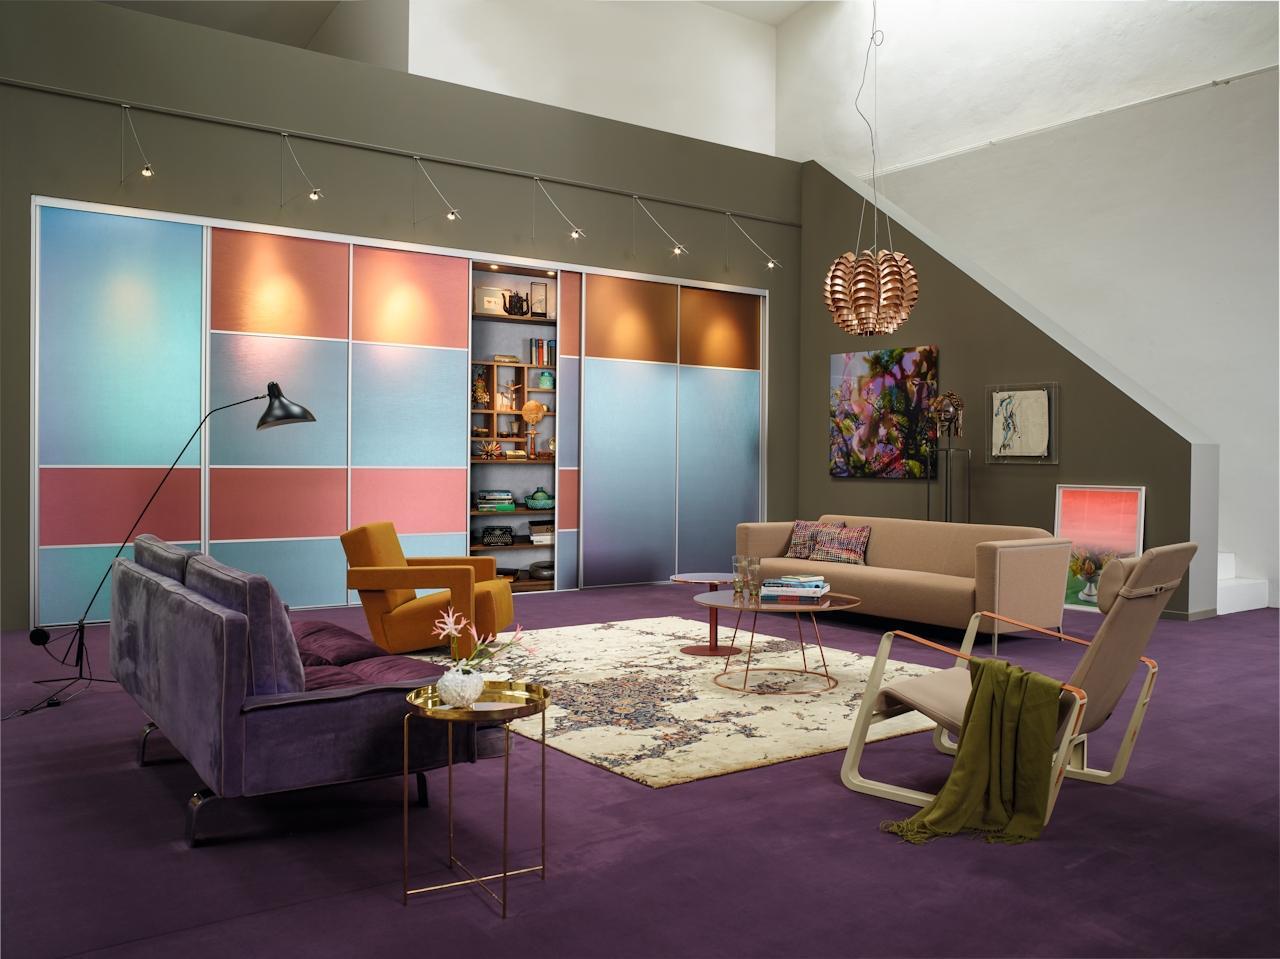 schrank • bilder & ideen • couchstyle, Wohnzimmer